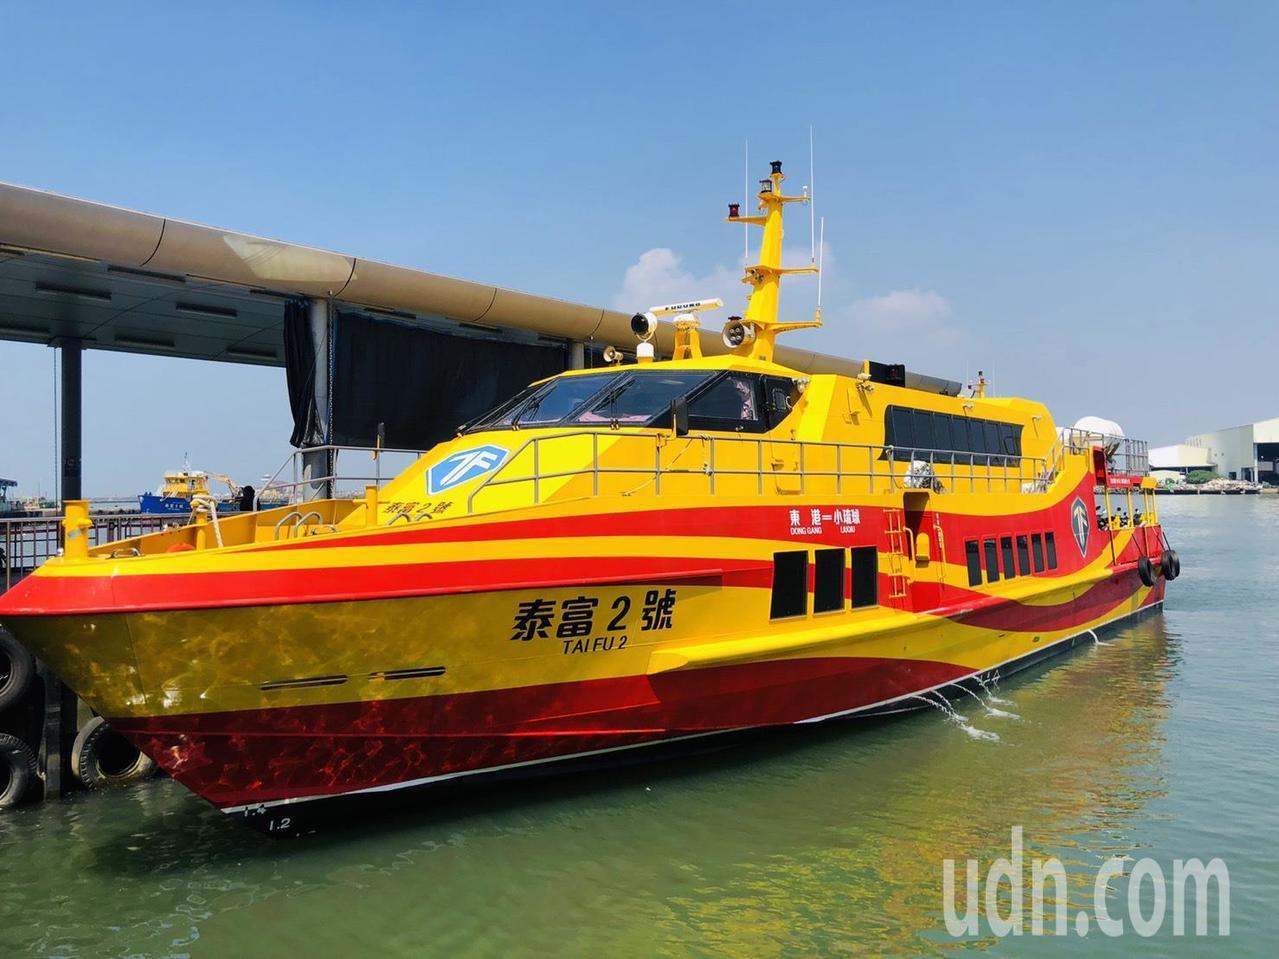 目前抵達小琉球唯一的方式就是坐船。記者曹悅華/攝影